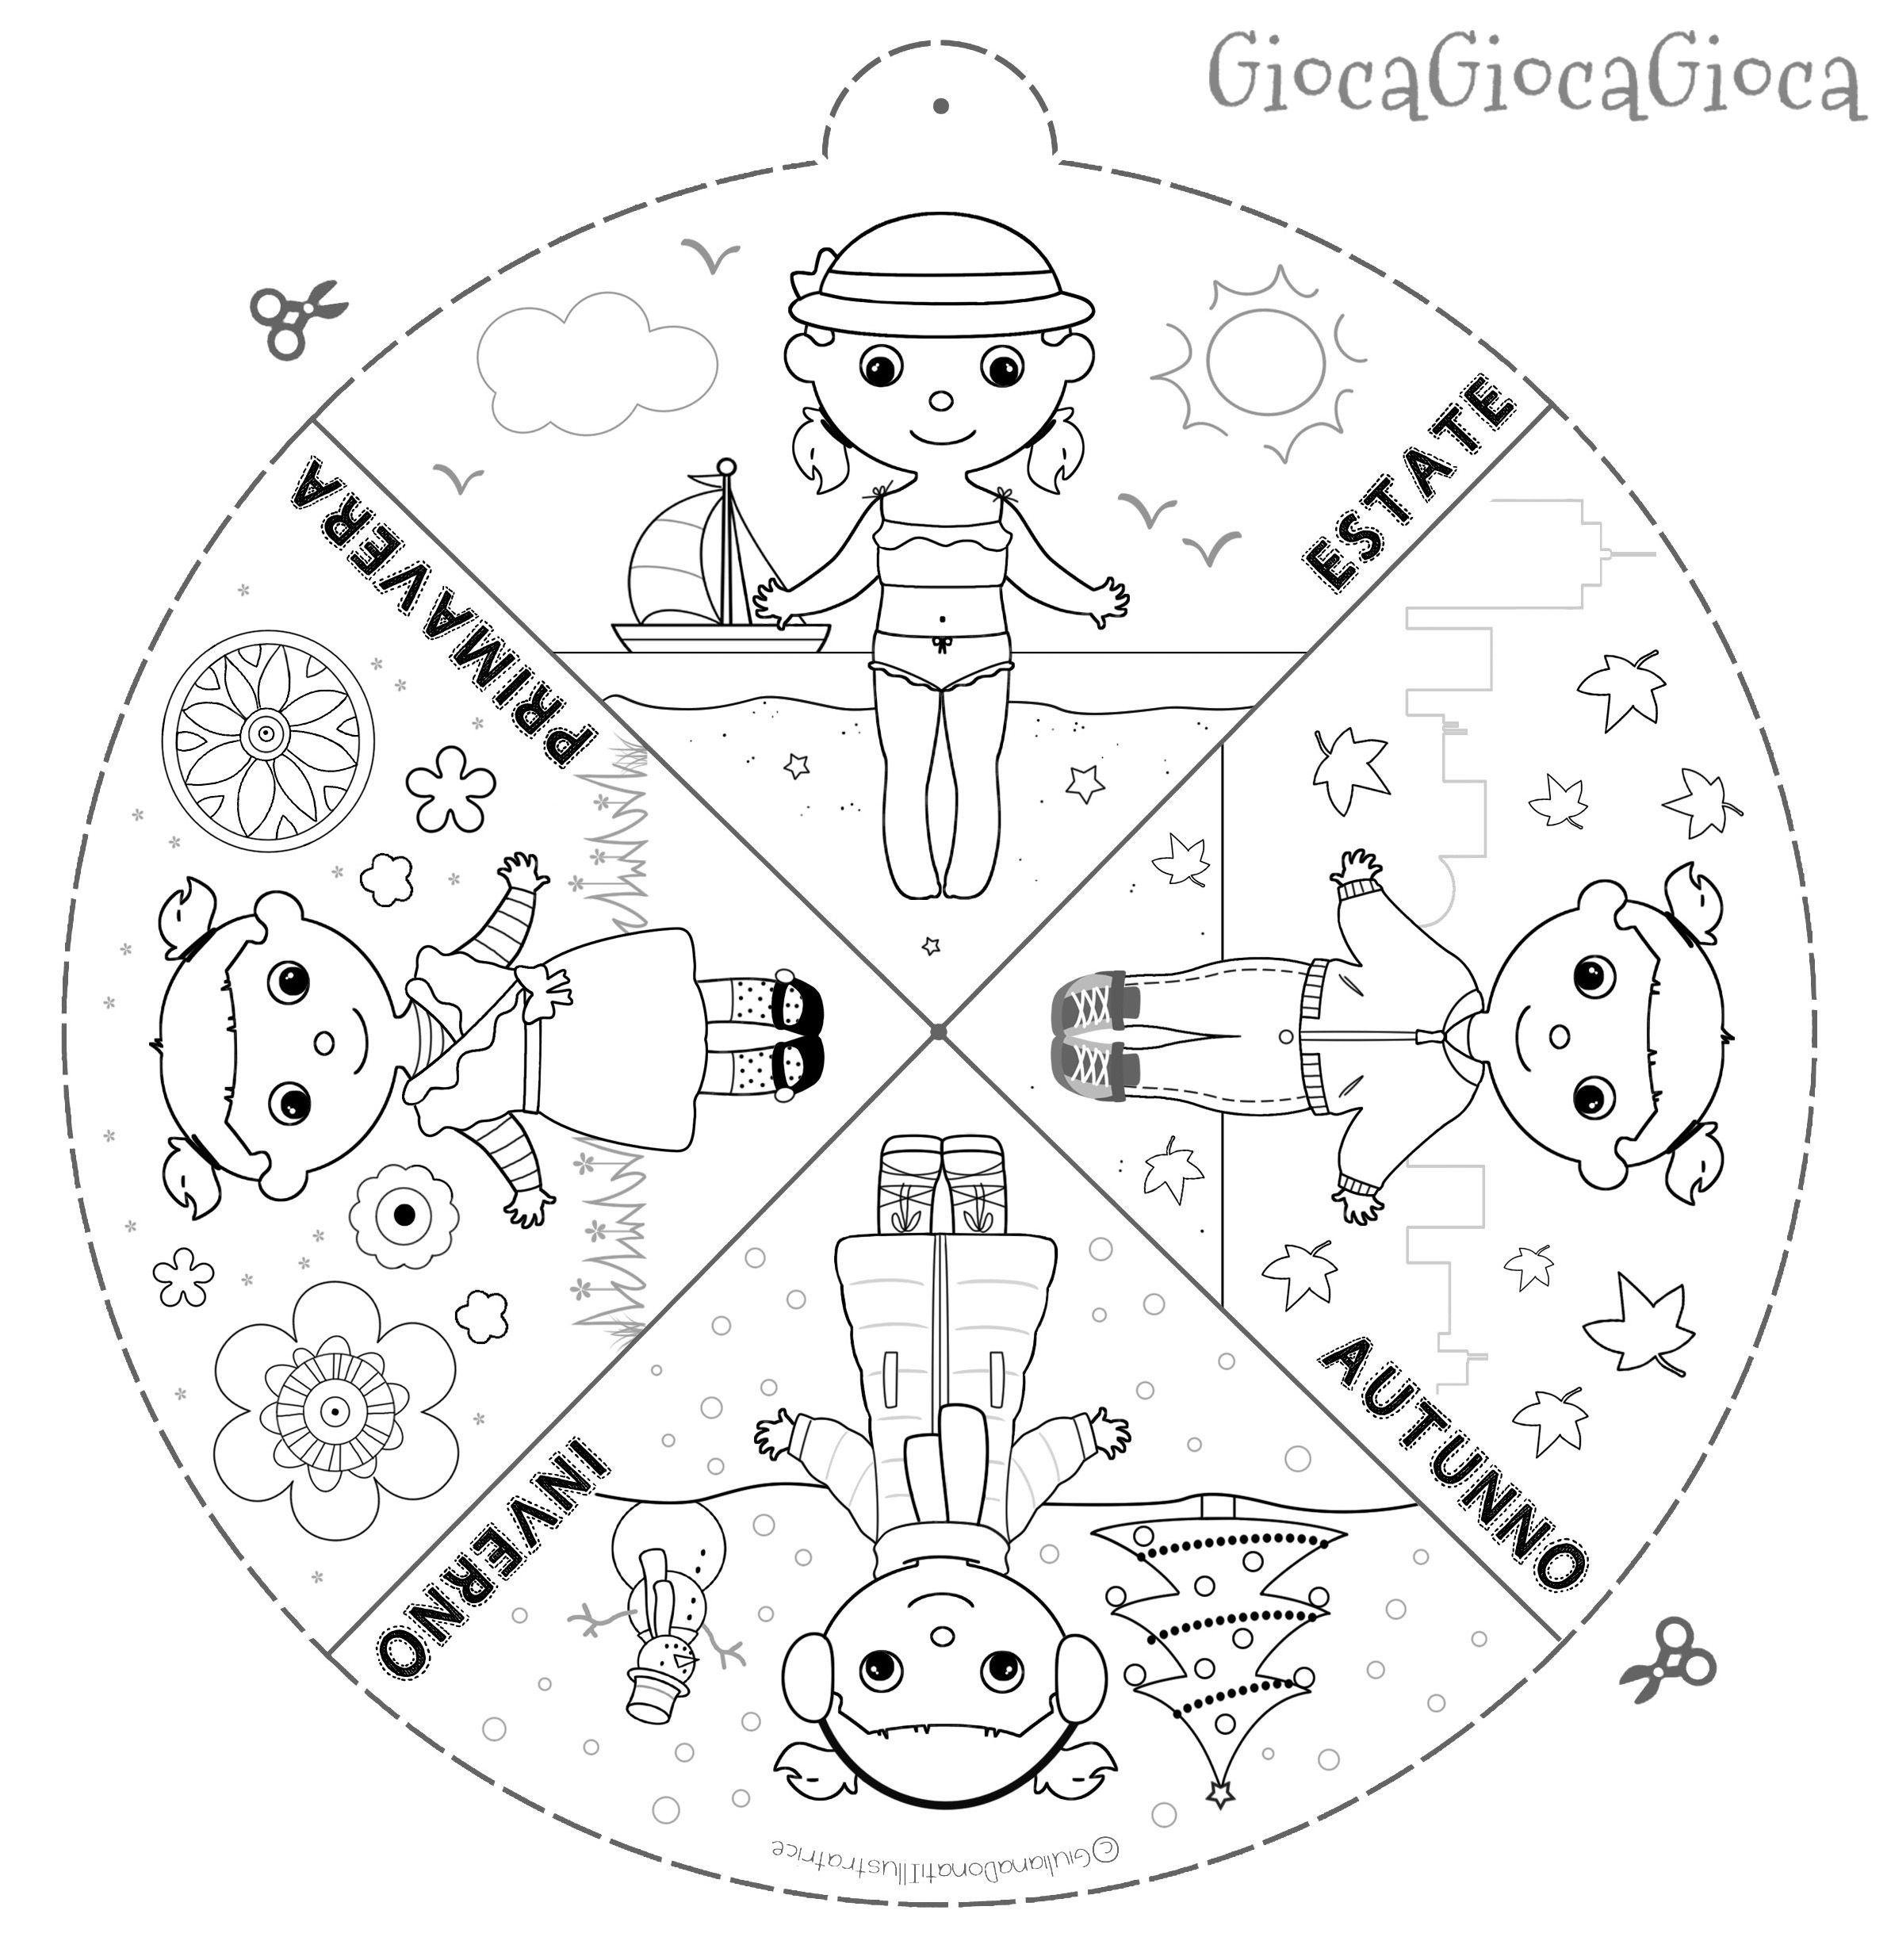 La Ruota Delle Stagioni Su Giocagiocagioca The Wheel Of